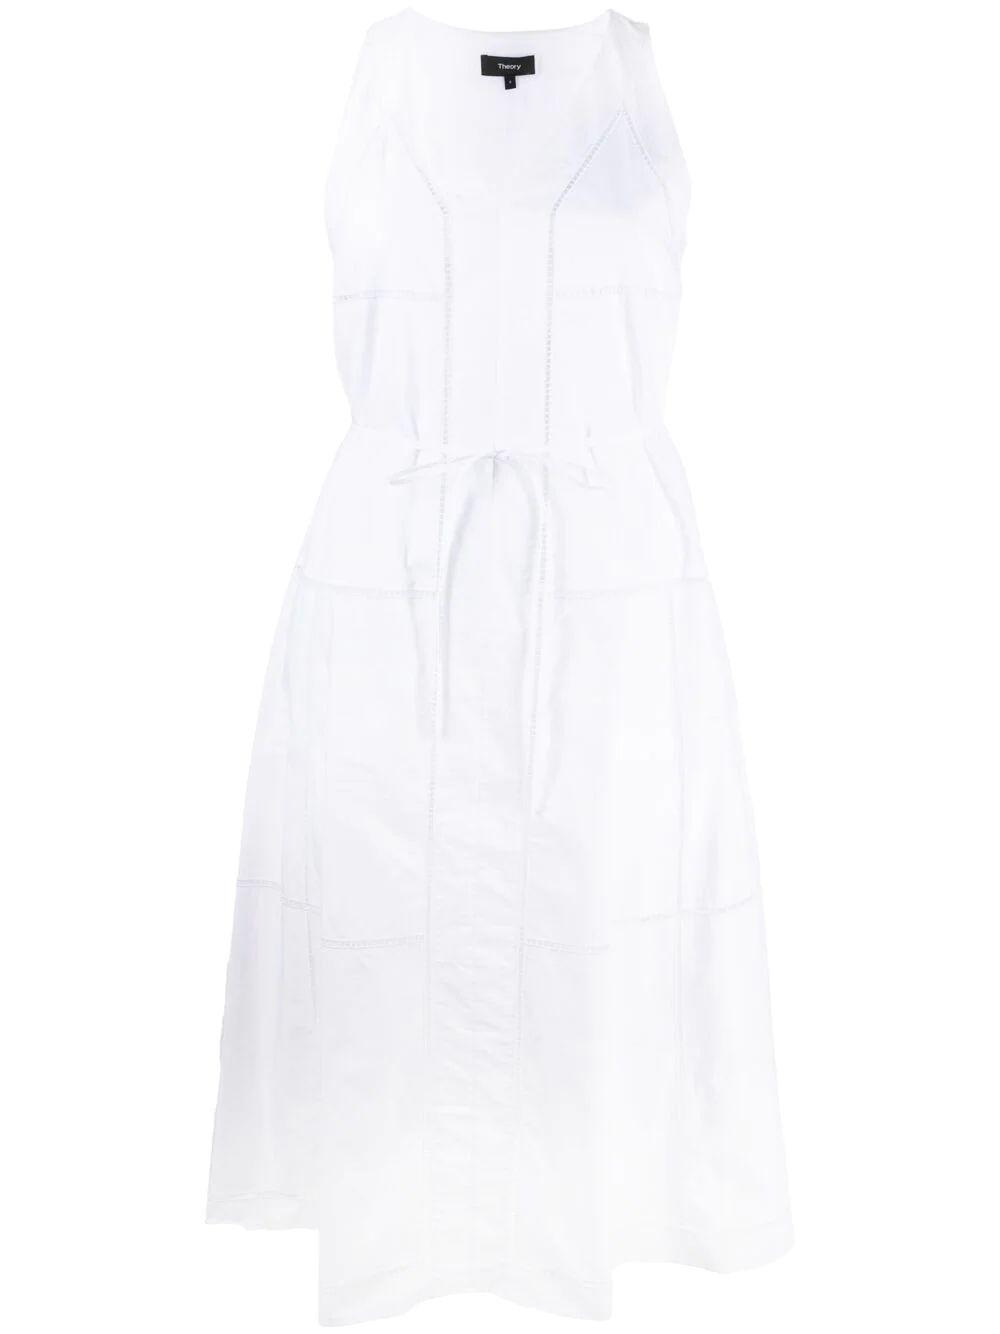 Ladder- Lace Trim Dress Item # L0304611